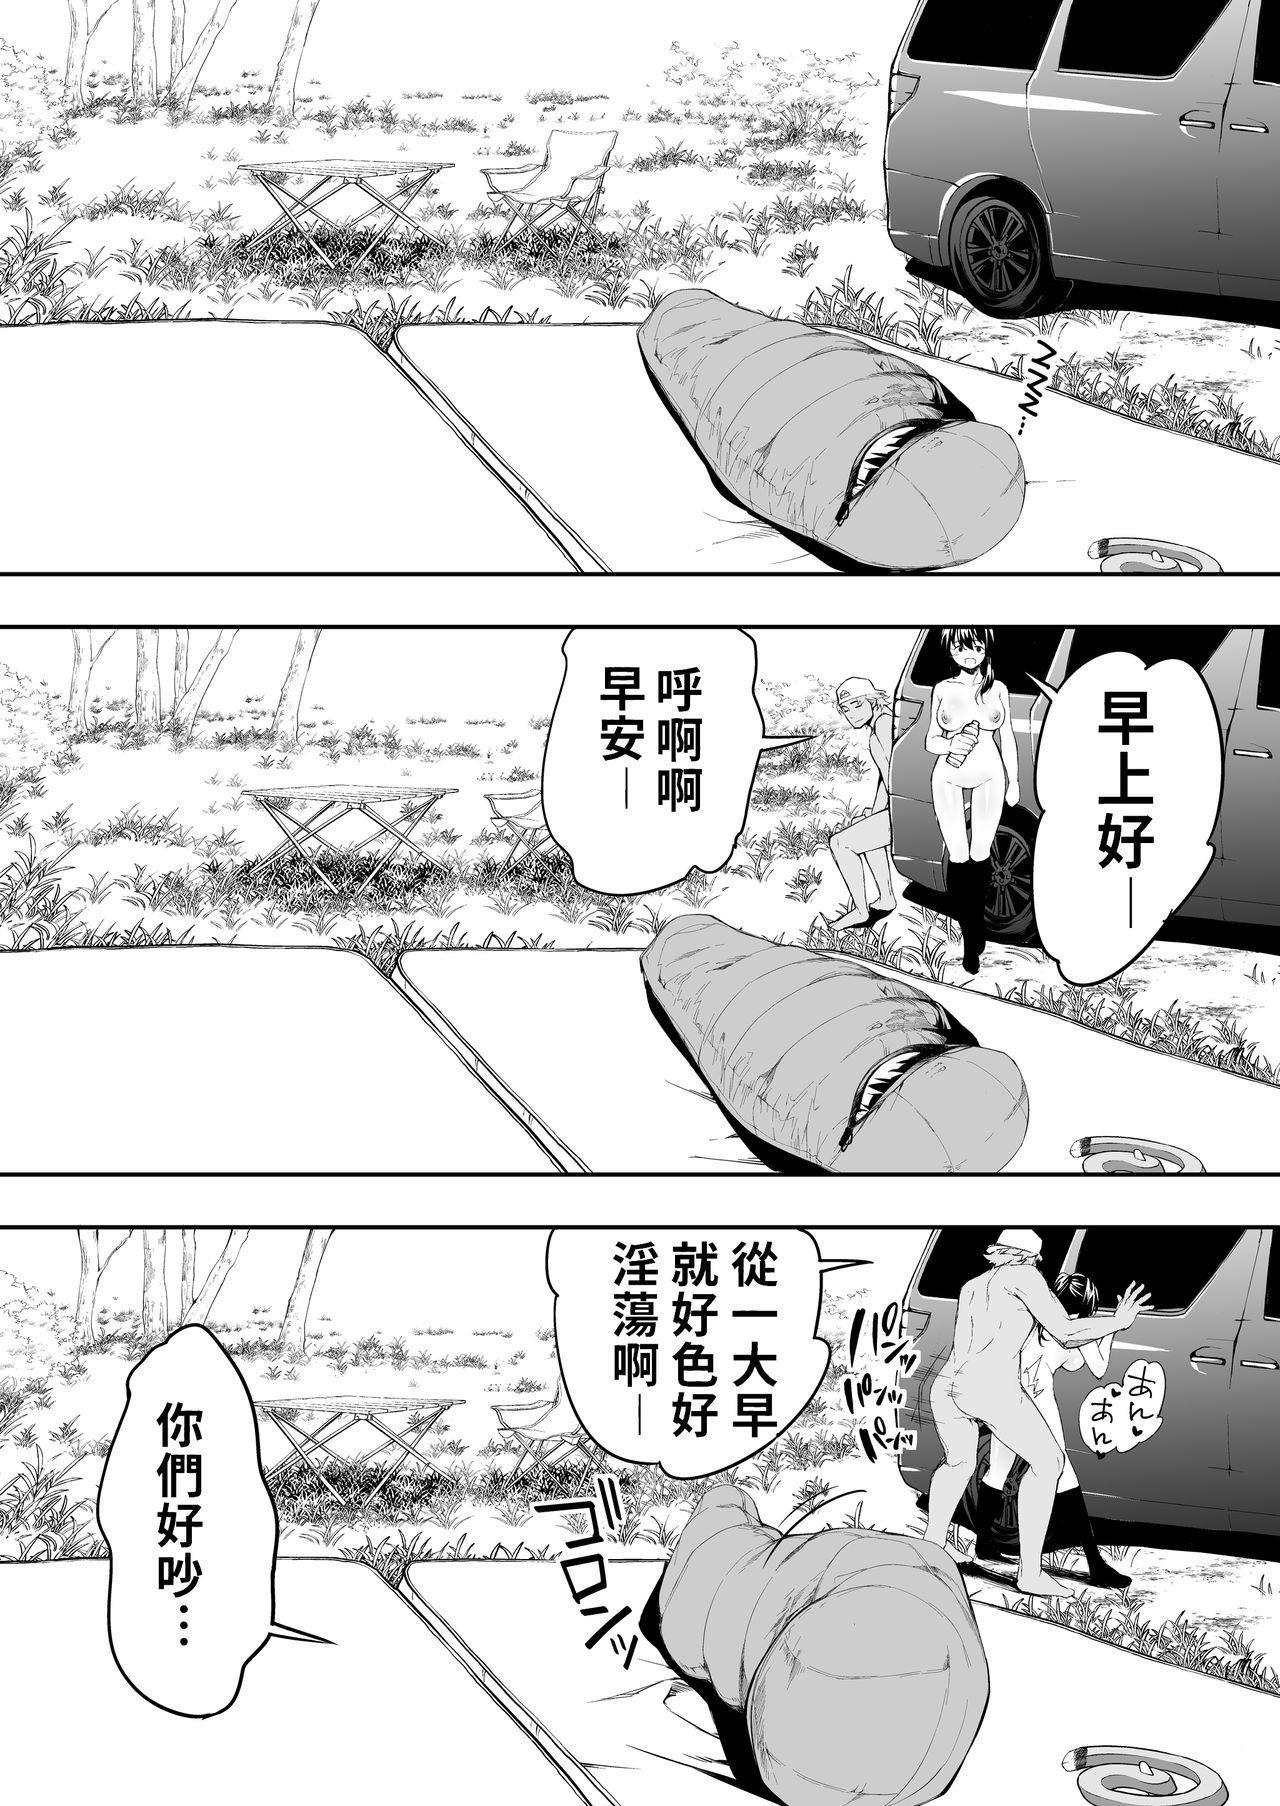 Panpan Travelers Hakata Shuudan Rape Ryokou | 吃飯兼炒飯TRAVELERS~博多集團強●旅行 113